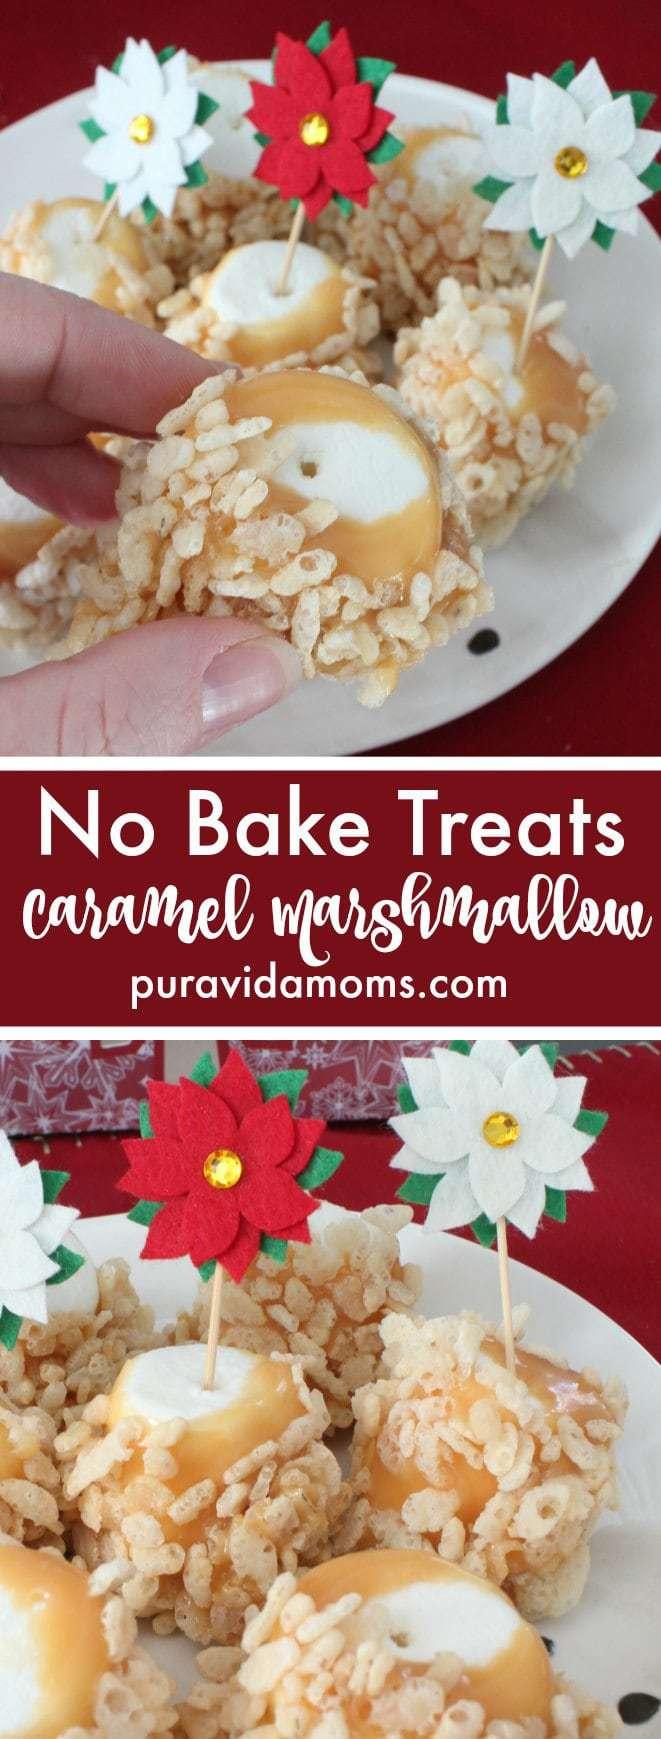 Easy No Bake Caramel Marshmallow Treats